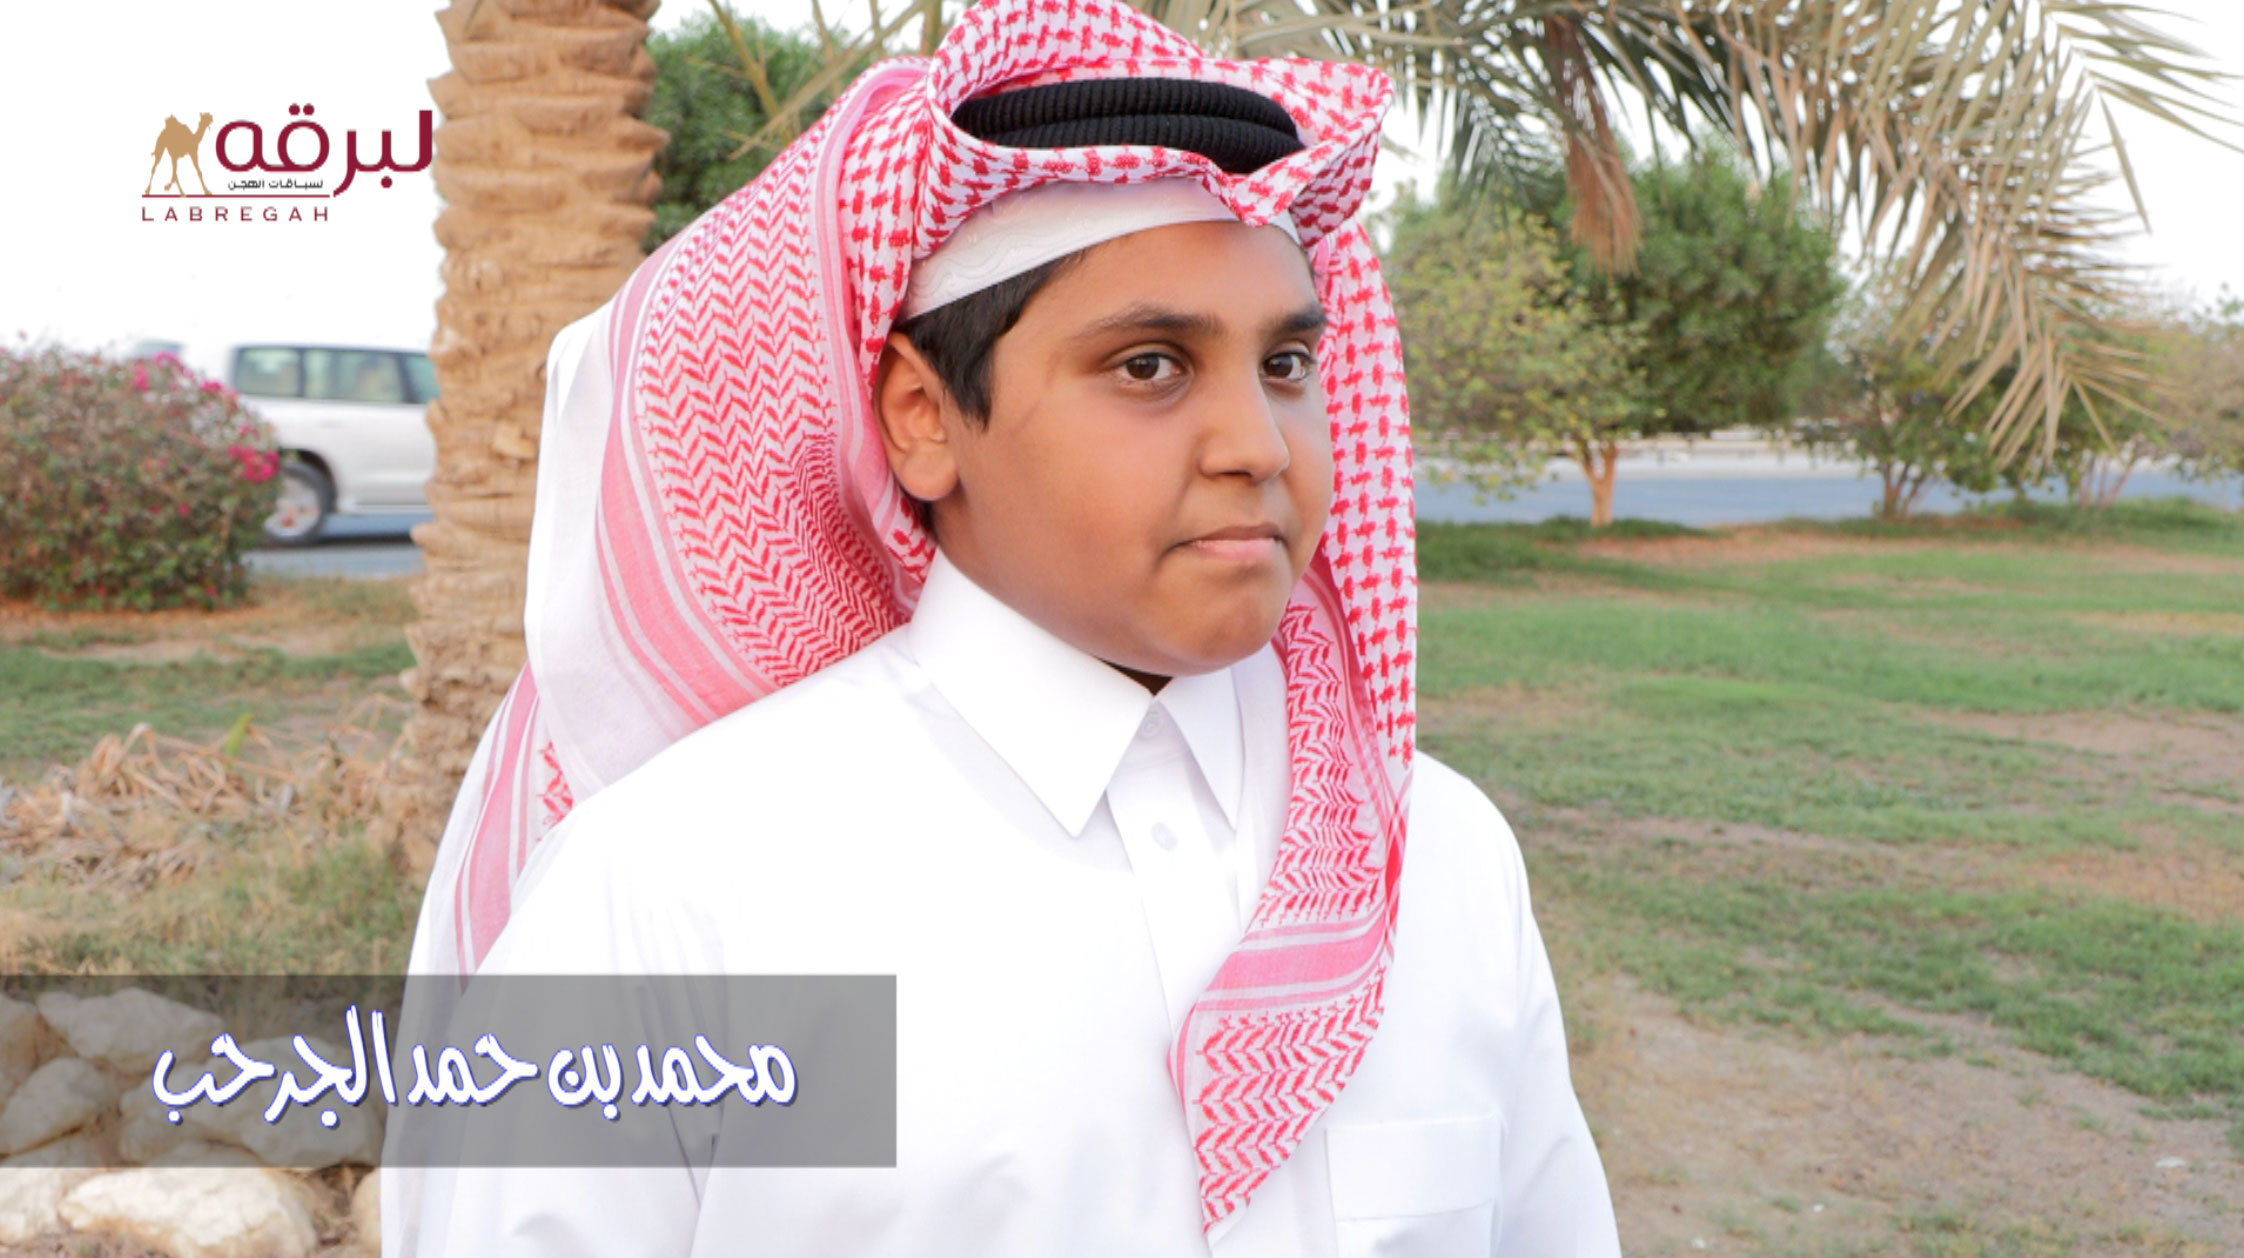 لقاء مع محمد بن حمد الجرحب.. الشوط الرئيسي للحقايق بكار (إنتاج) الأشواط المفتوحة  ٦-١٠-٢٠٢١